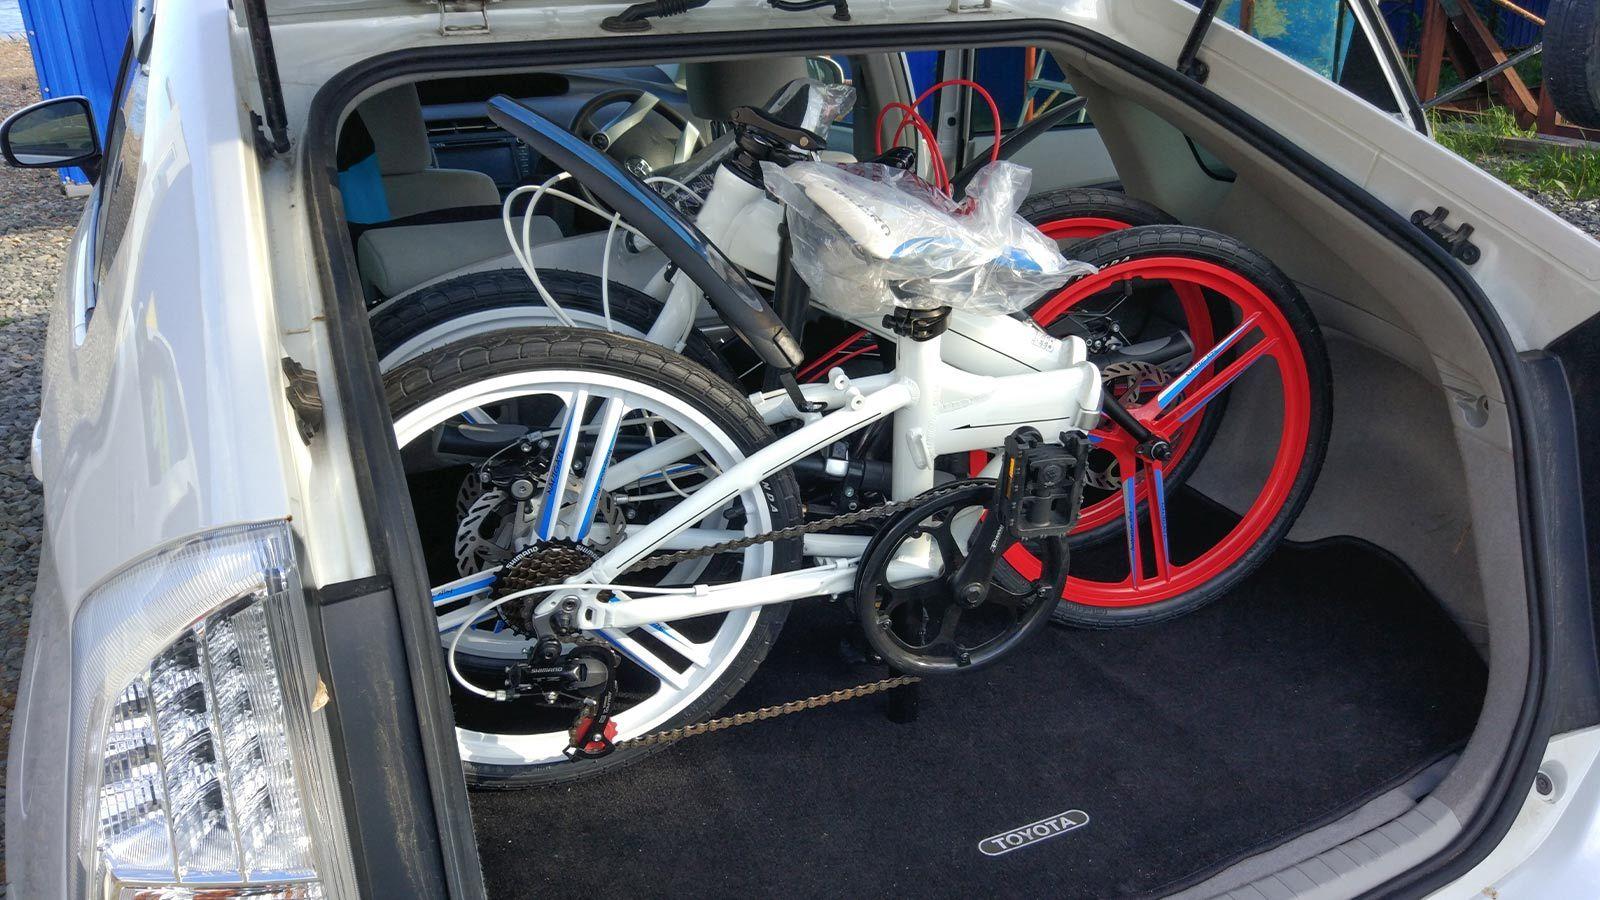 складные велосипеды в багажнике